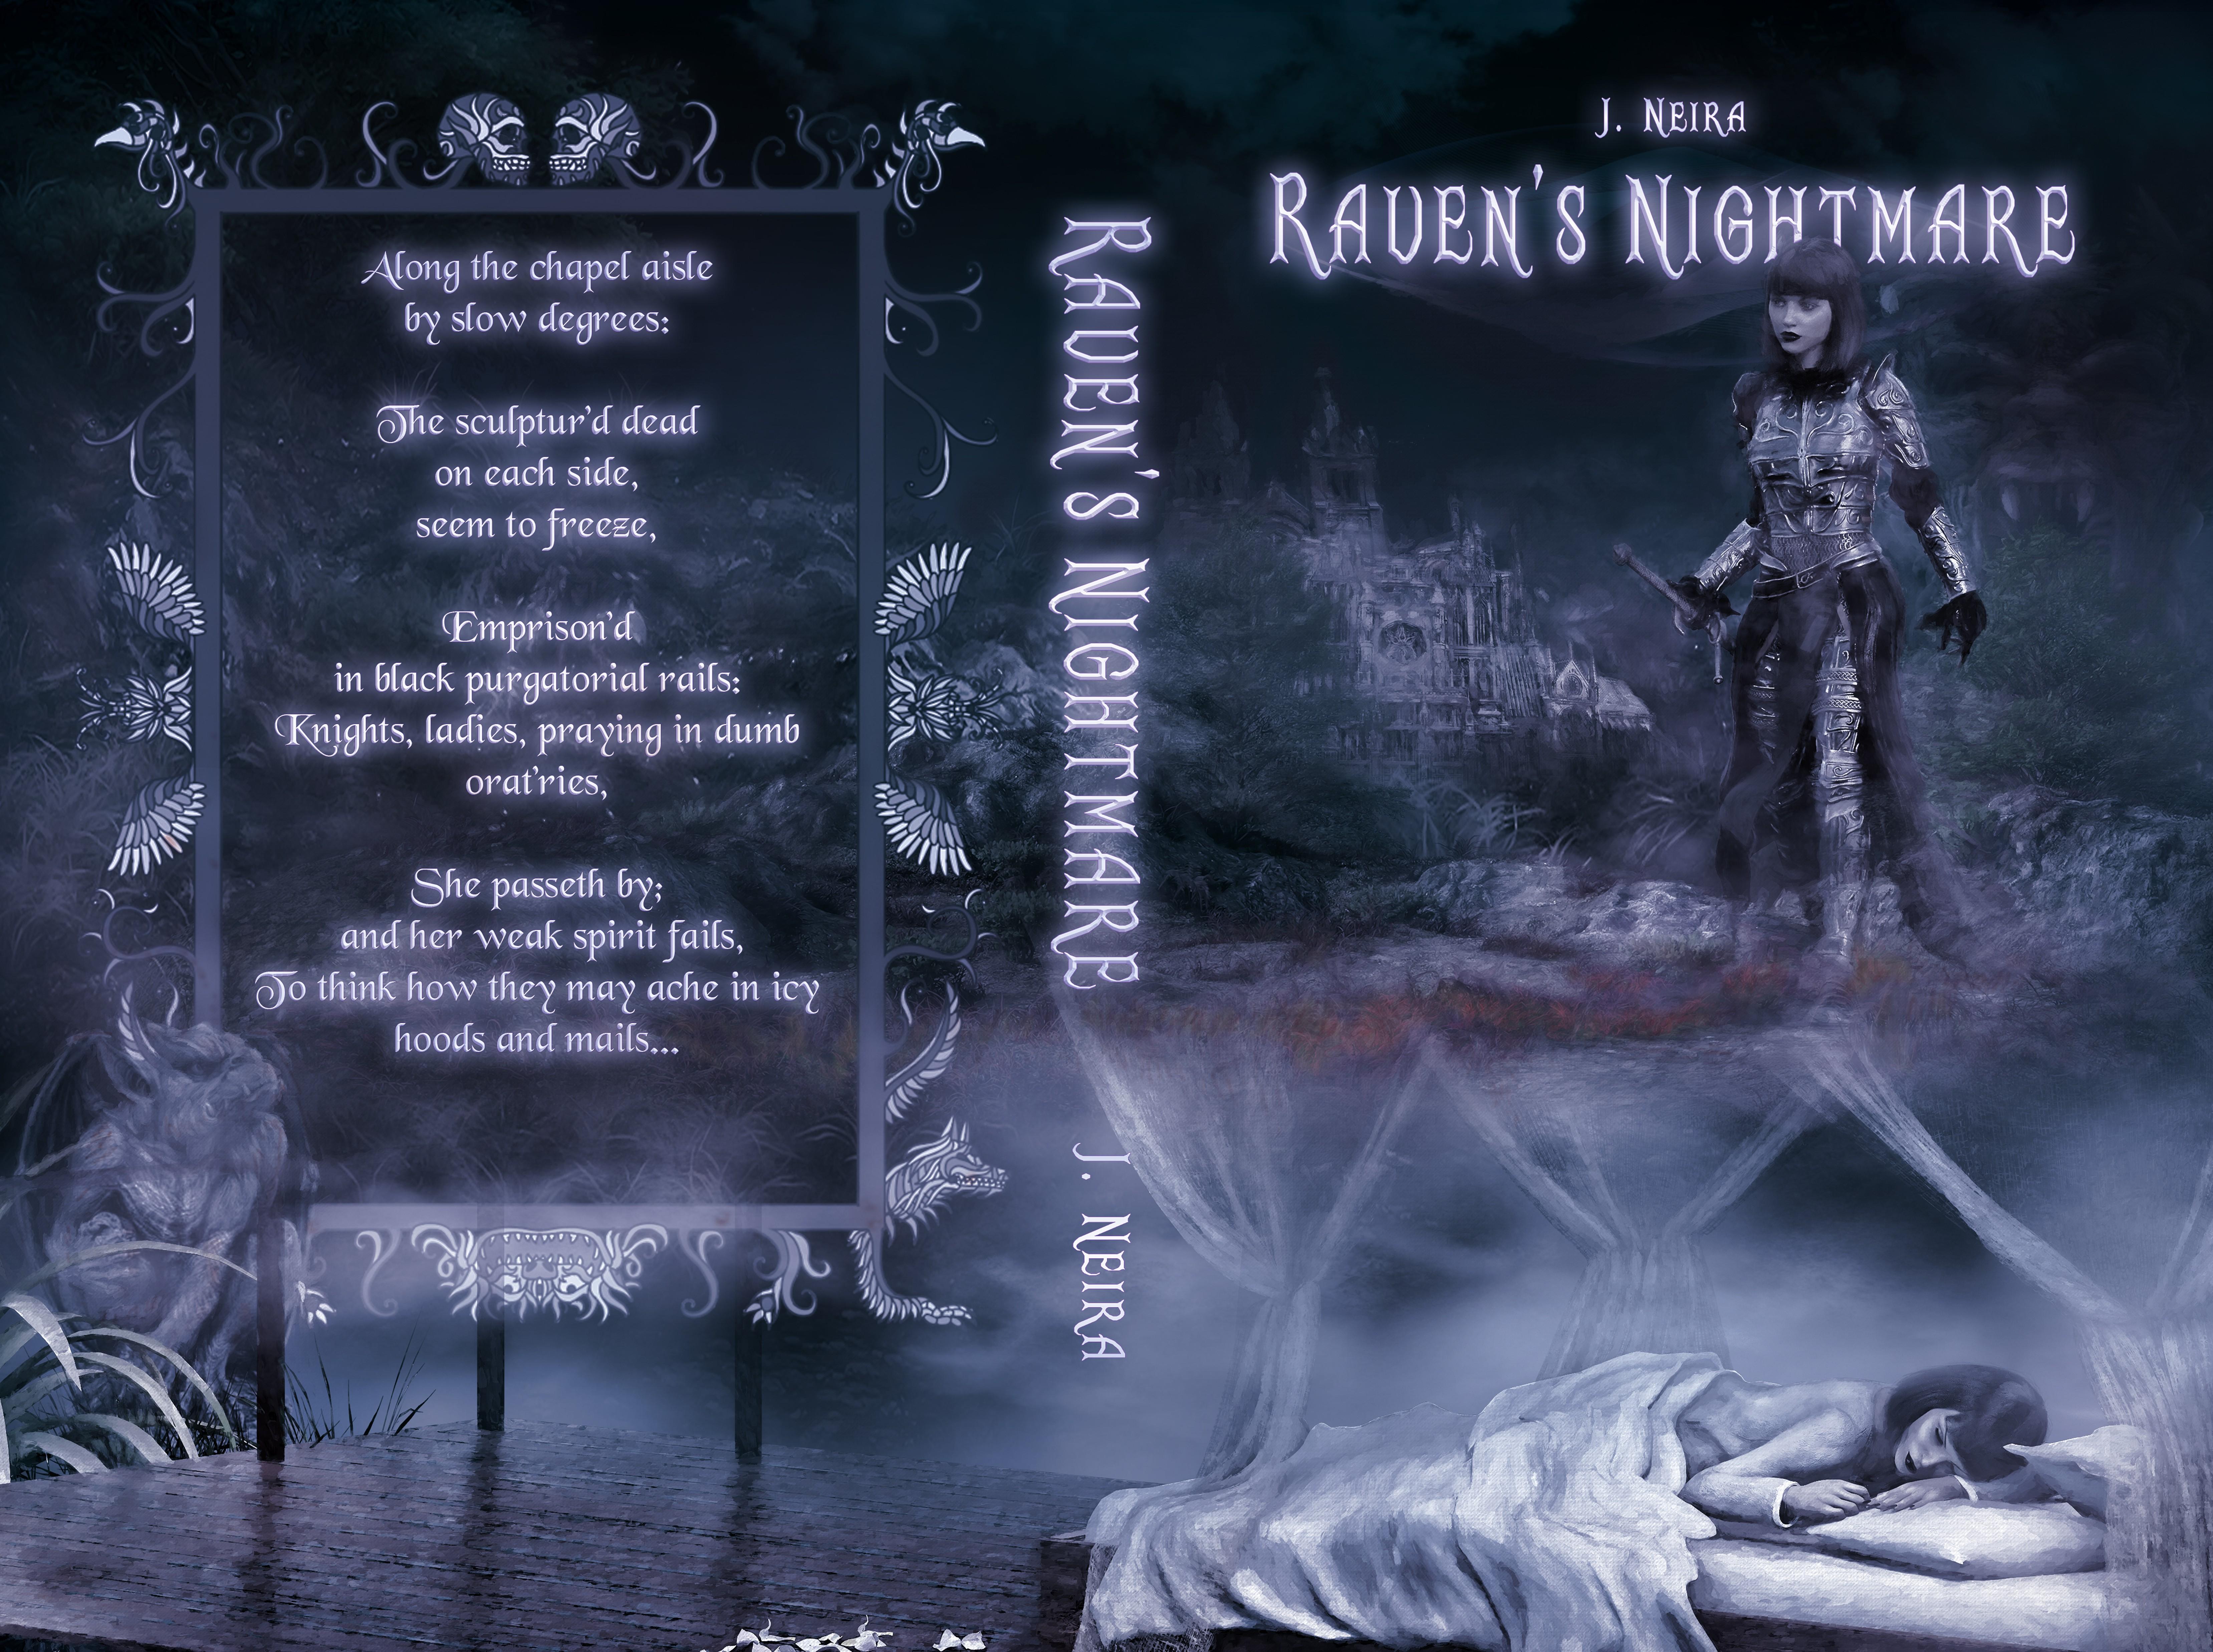 Raven's Nightmare